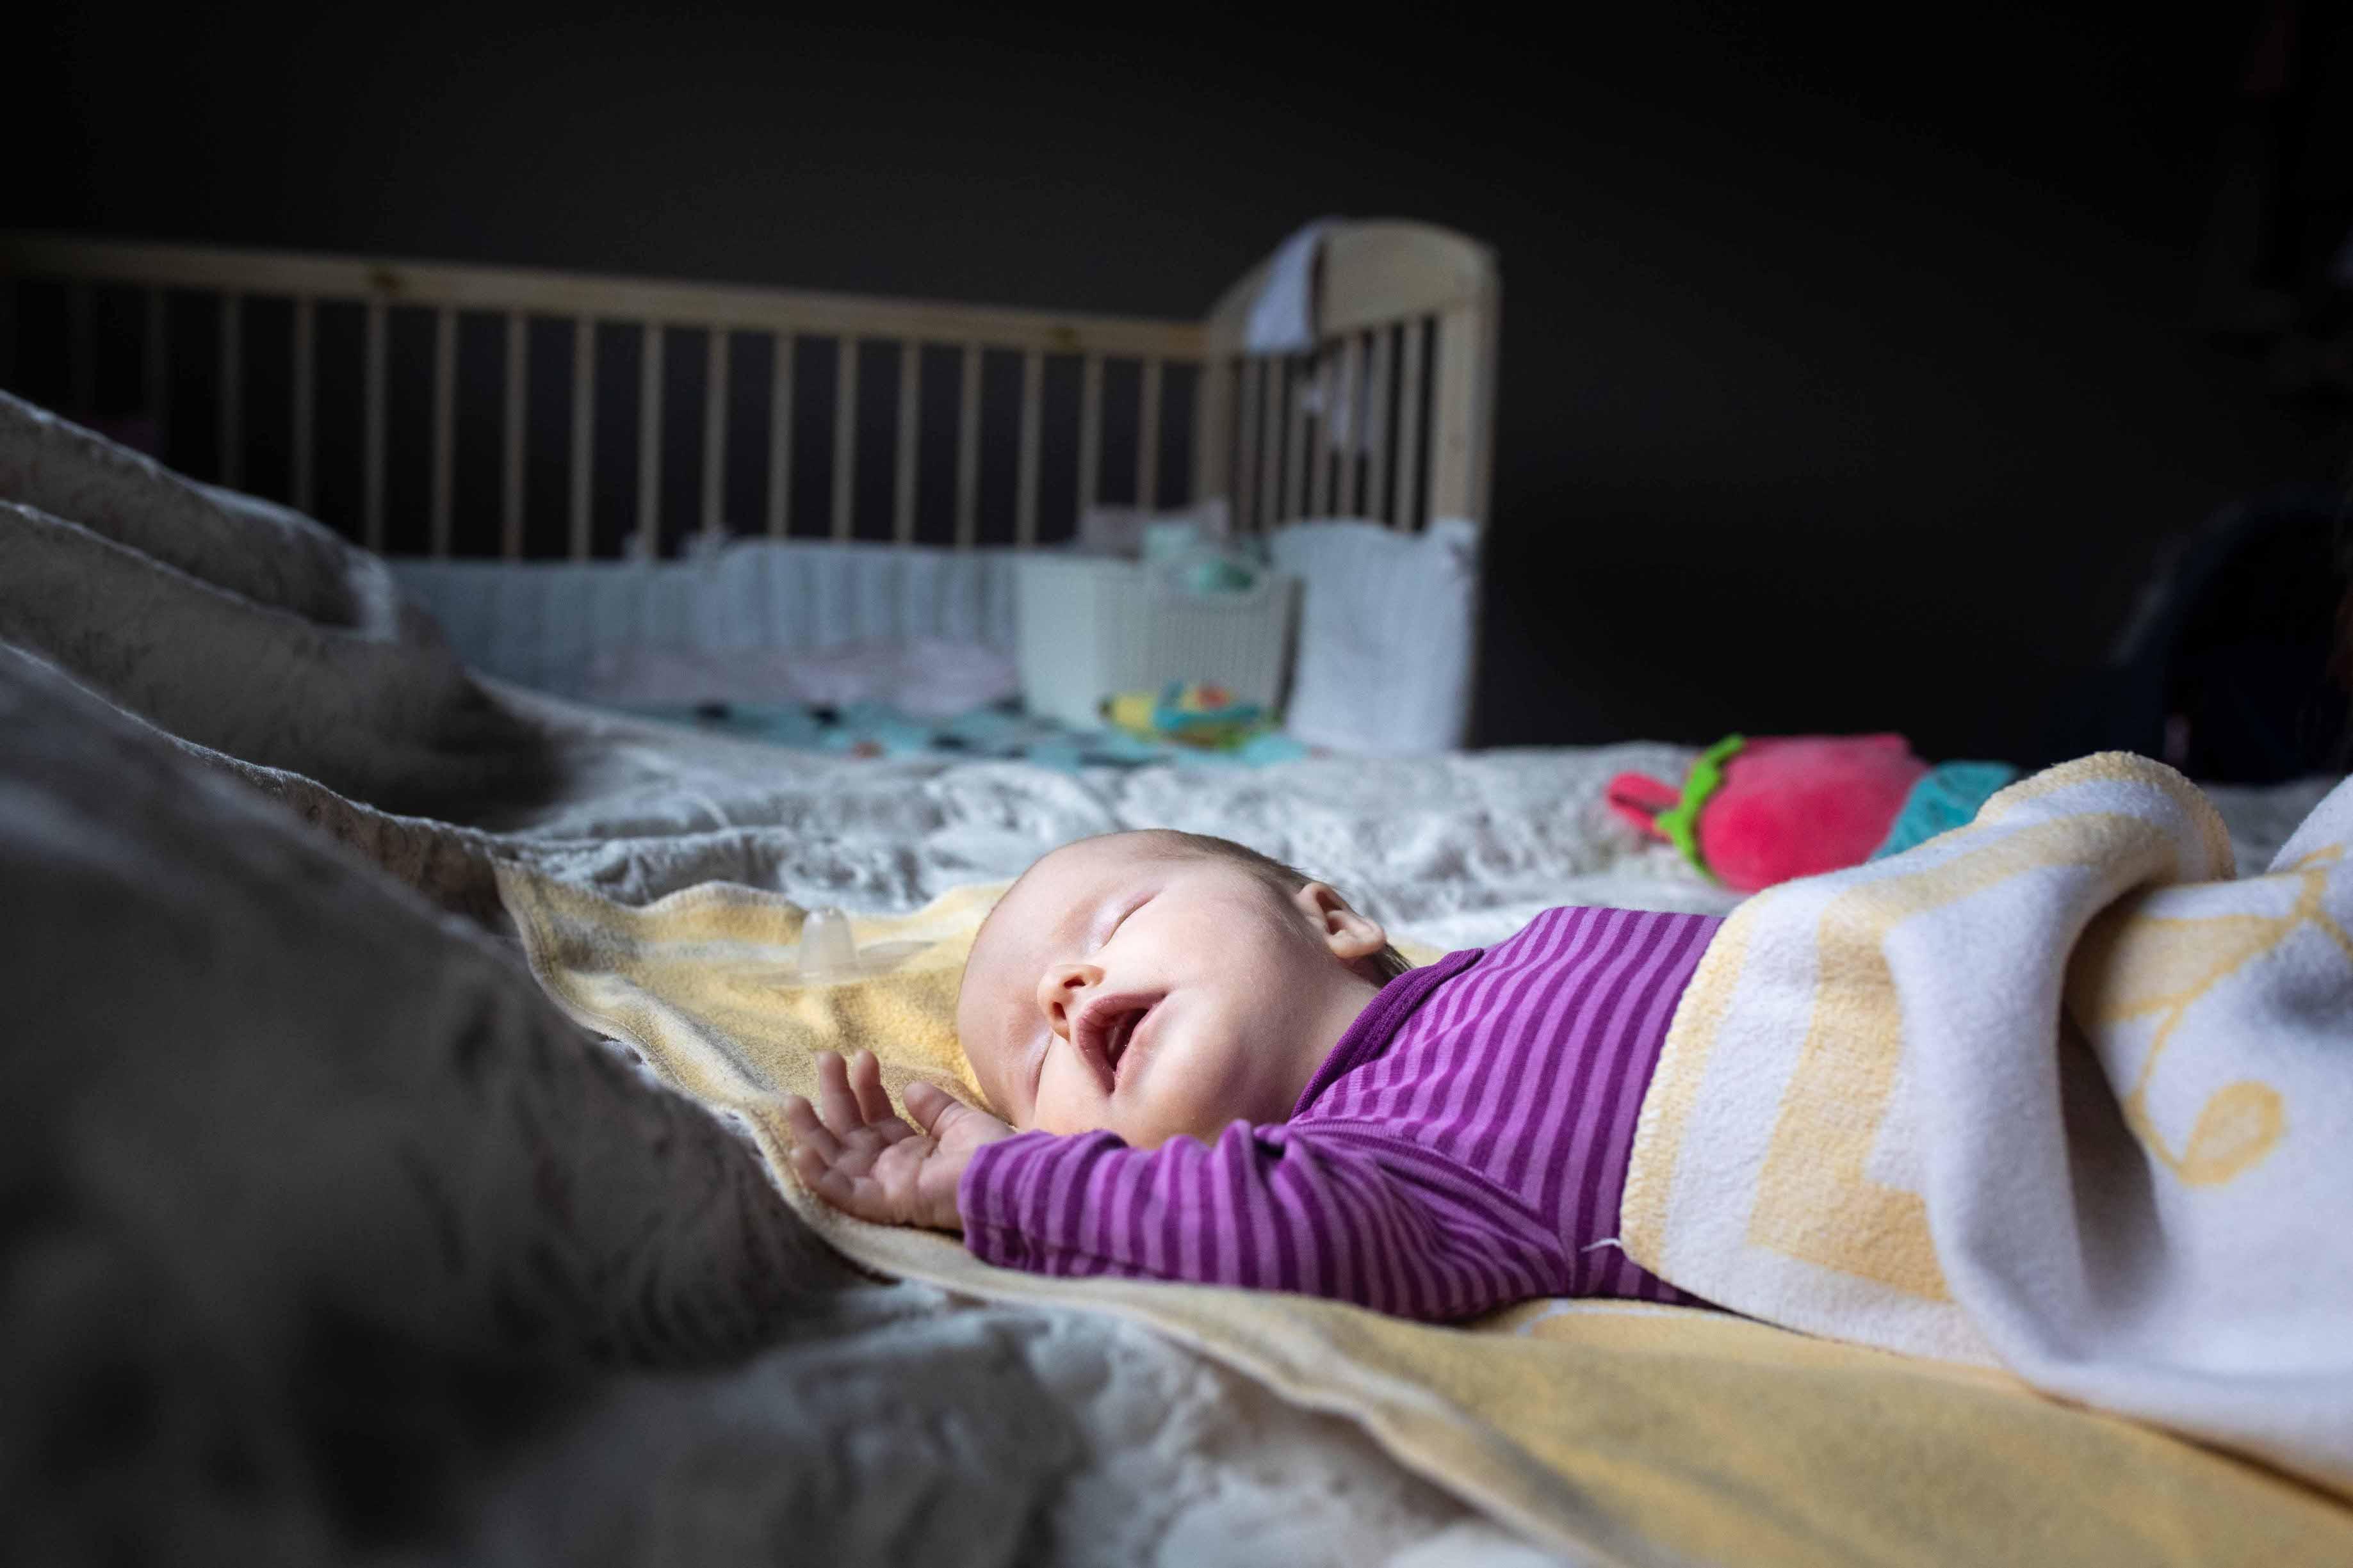 Mildred-vauvan ei tarvitse mennä päivähoitoon ainakaan ennen puolentoista vuoden ikää. Virossa vanhempainpäivärahaa saa pidempään kuin Suomessa.